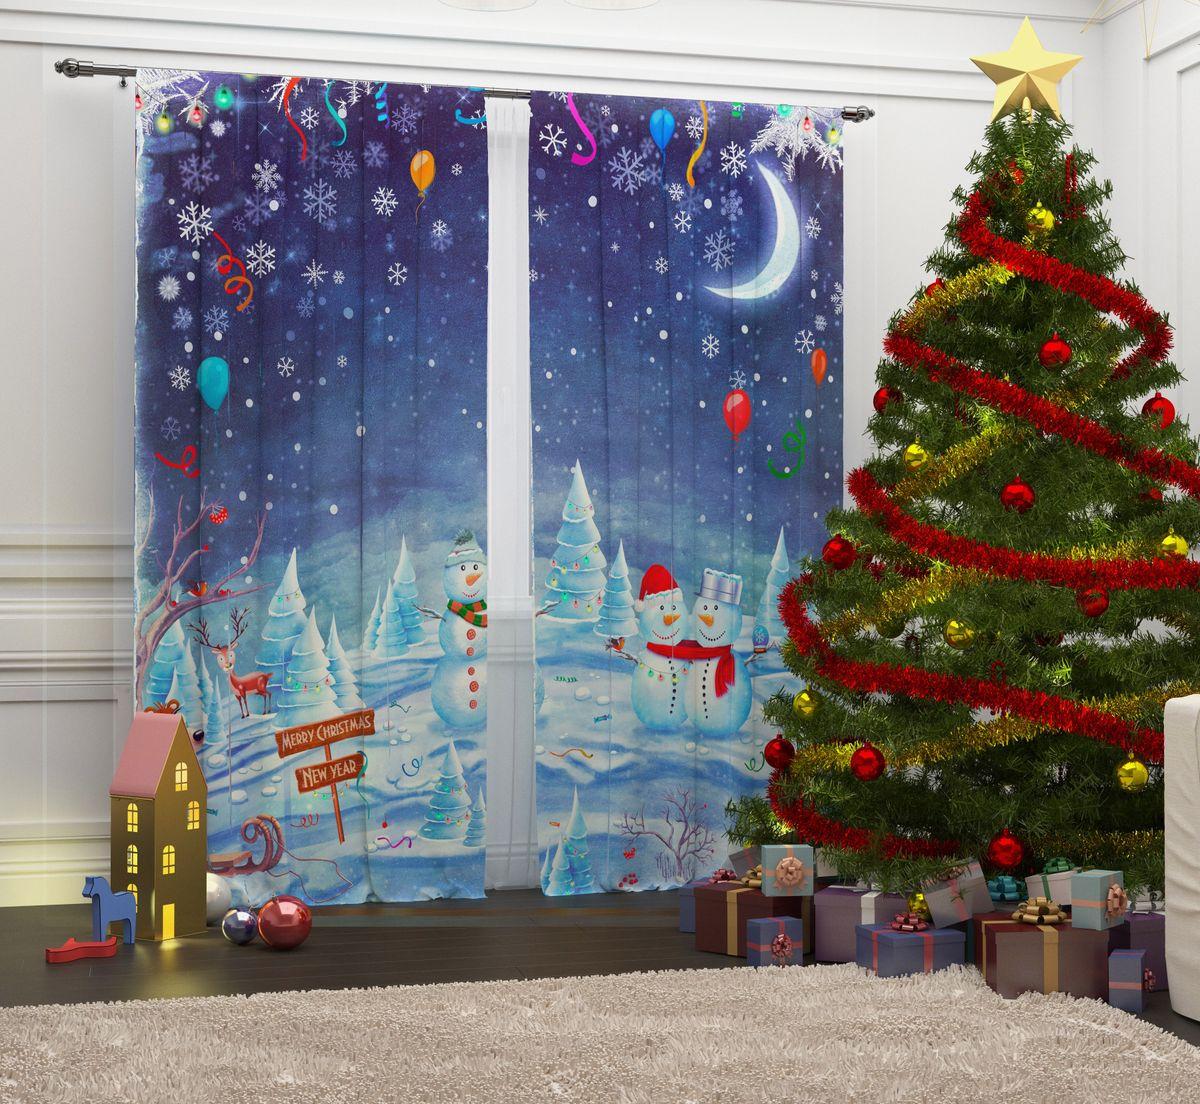 Комплект фотоштор Сирень Встреча Рождества, на ленте, высота 260 см07291-ФШ-ГБ-001Комплект фотоштор Сирень  Встреча Рождества отлично дополнит интерьер комнаты. Шторы выполнены из габардина (100% полиэстер). Особенностью ткани является небольшая плотность, из-за чего она хорошо пропускает воздух и солнечный свет. Ткань хорошо держит форму, не требует специального ухода. Яркая и четкая картинка, перенесенная на шторы, будет радовать вас каждый день. Идеальное сочетание современного материала и гипоаллергенных красок гарантирует хорошее настроение в доме.